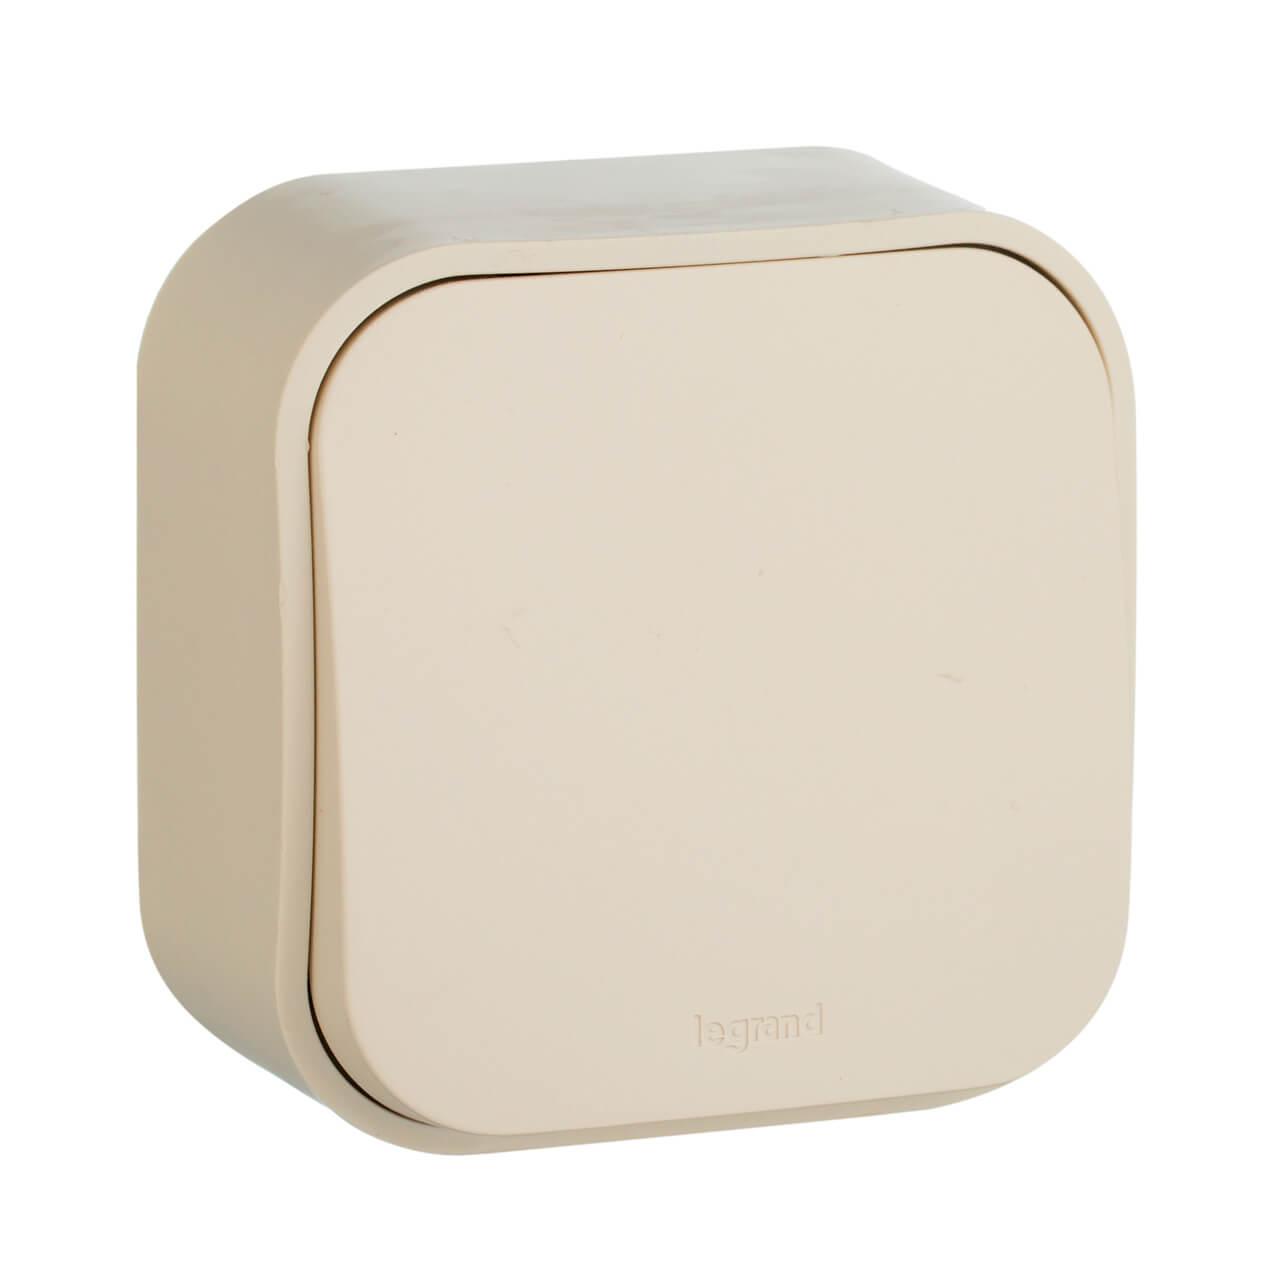 Выключатель одноклавишный кнопочный Legrand Quteo 6A 250V слоновая кость 782235 выключатель одноклавишный кнопочный legrand quteo 6a 250v белый 782205